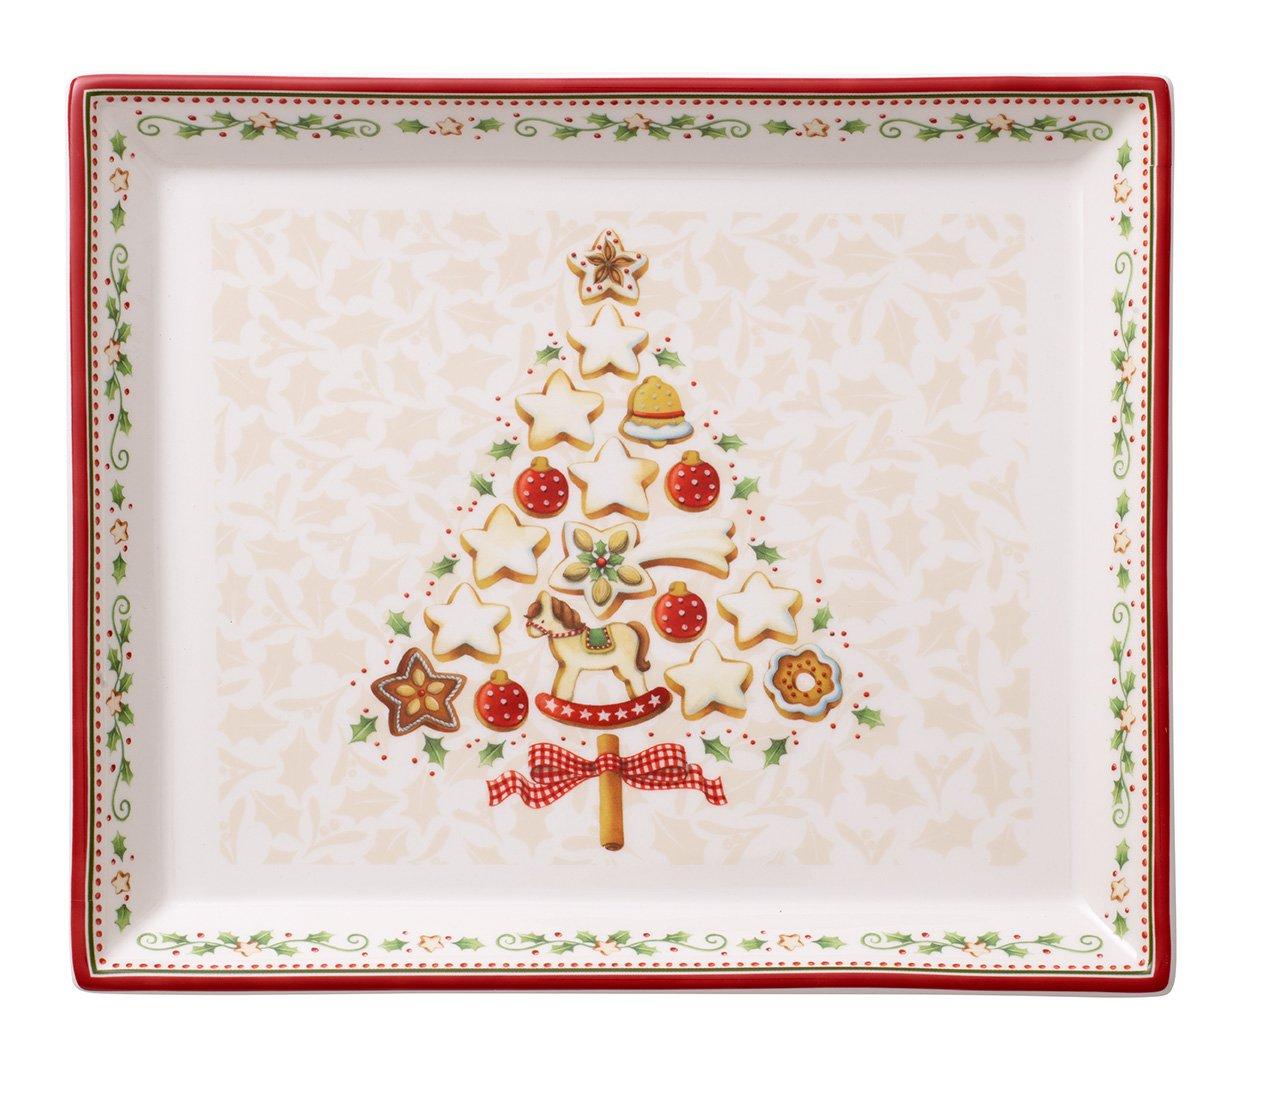 Villeroy & Boch Winter Bakery Delight Piatto Pasticceria, Rettangolare, Porcellana, Bianco/Rosso, 27x22.5x0.1 cm 14-8612-2856